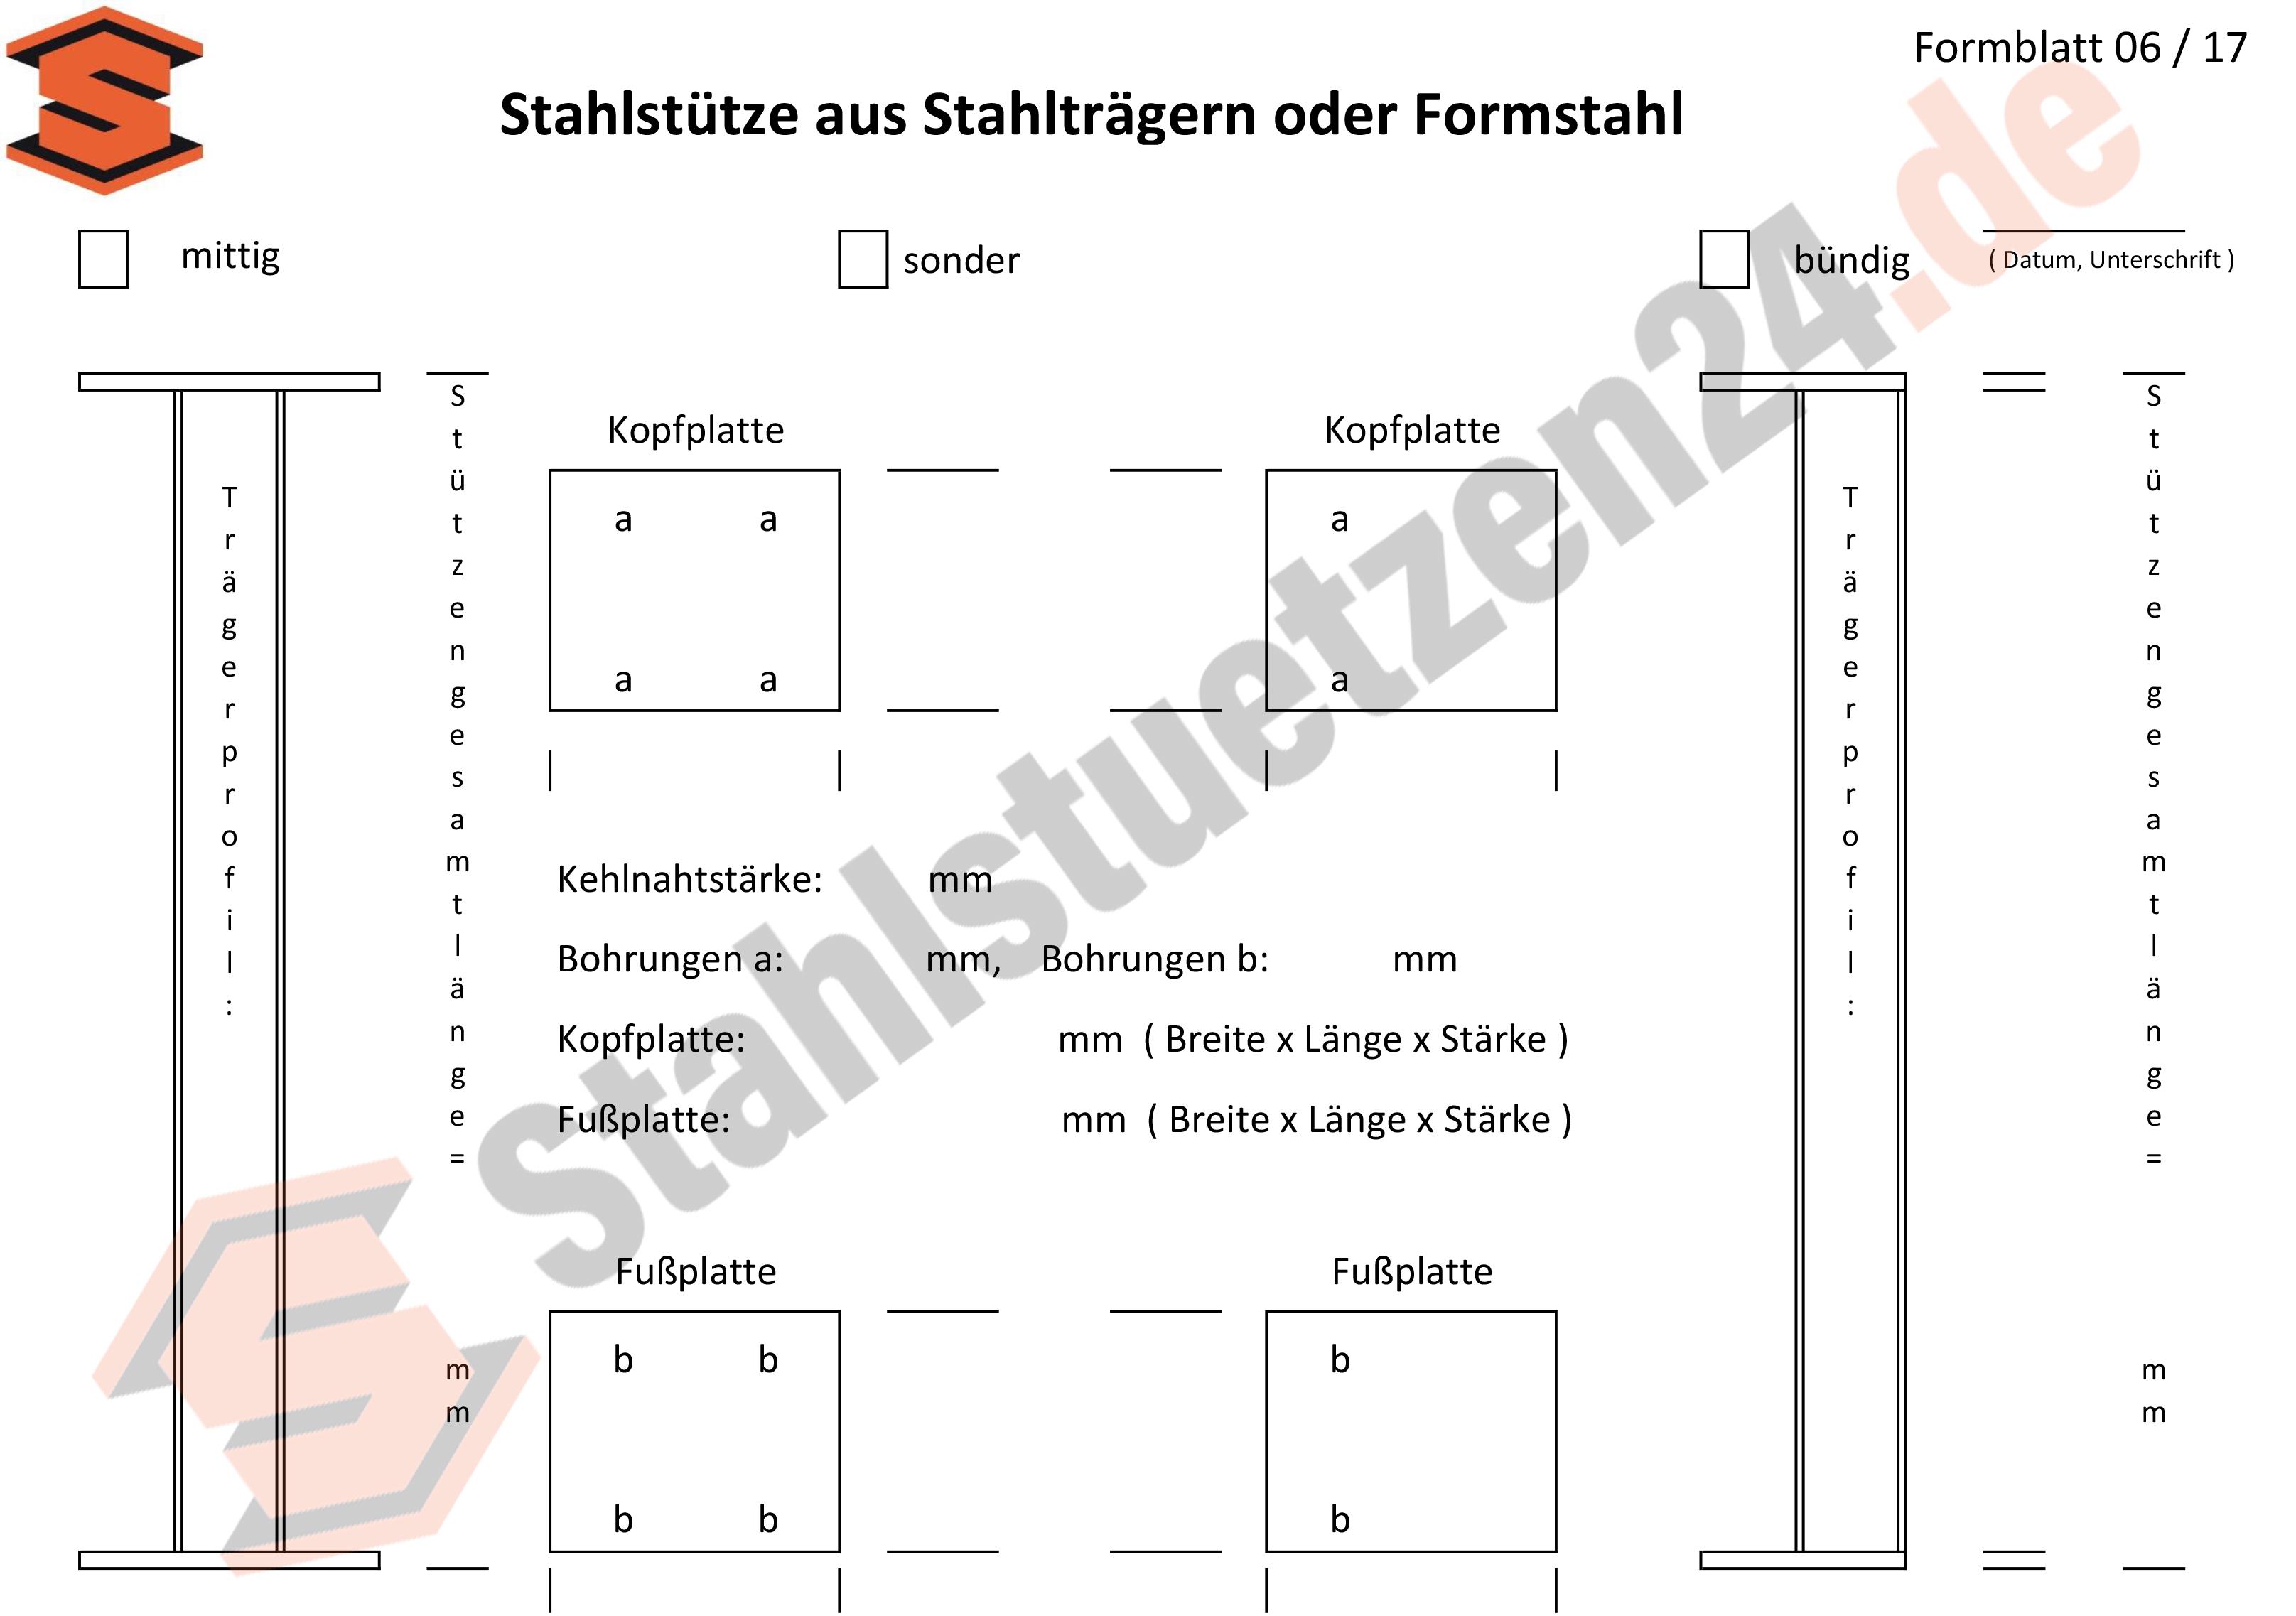 Konstruktionshilfe - Stahlstütze aus Stahlträgern oder Formstahl